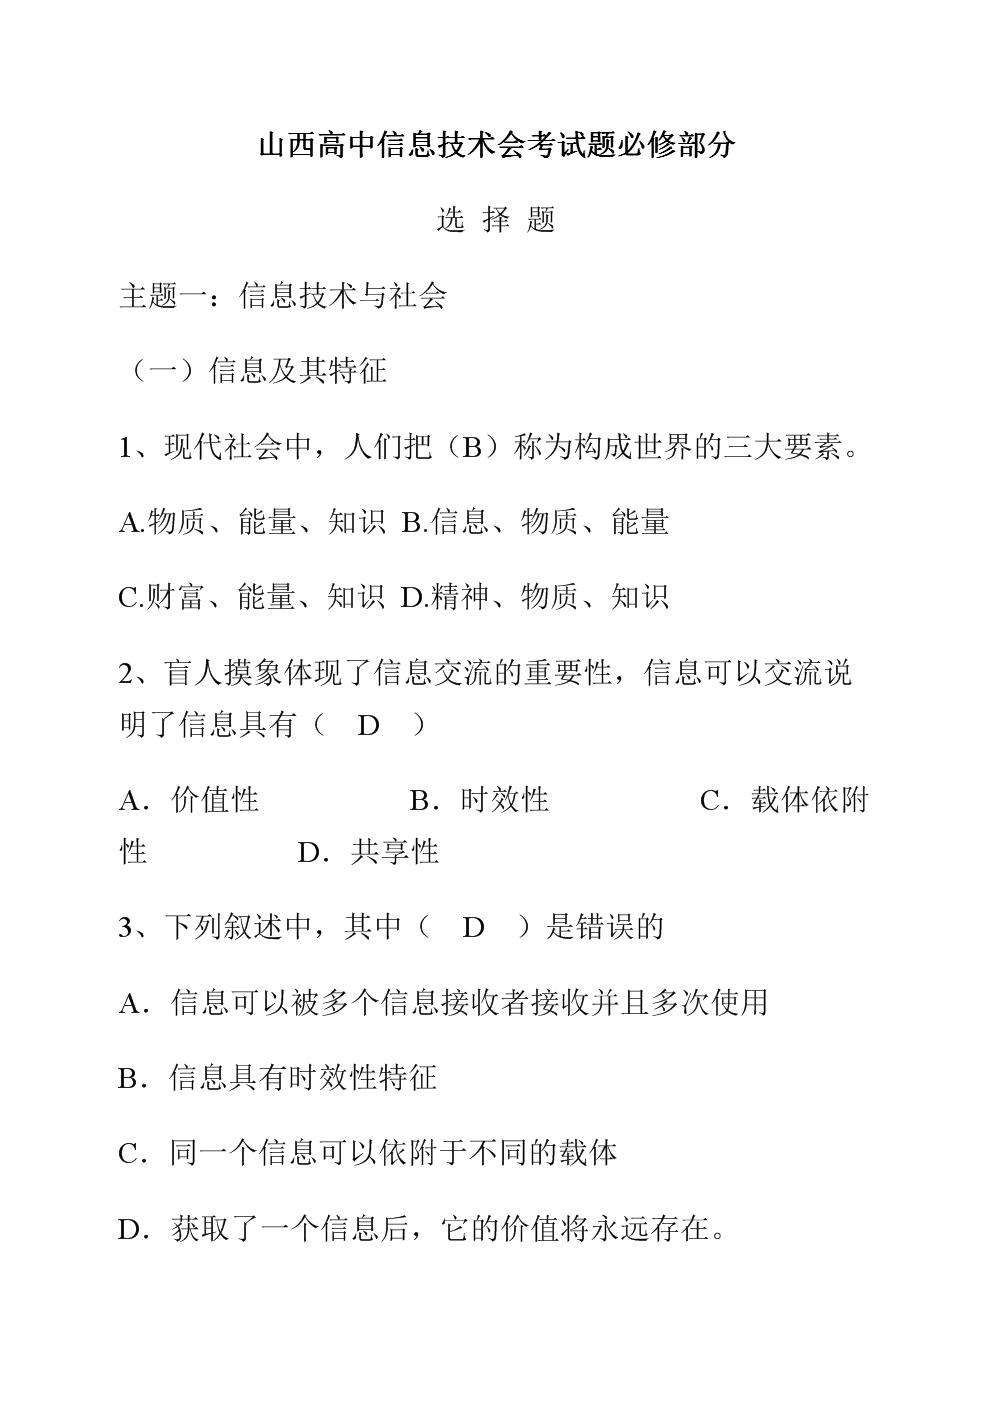 山西高中信息技术考必修重点部分.doc版一必修高中英语重大mp3